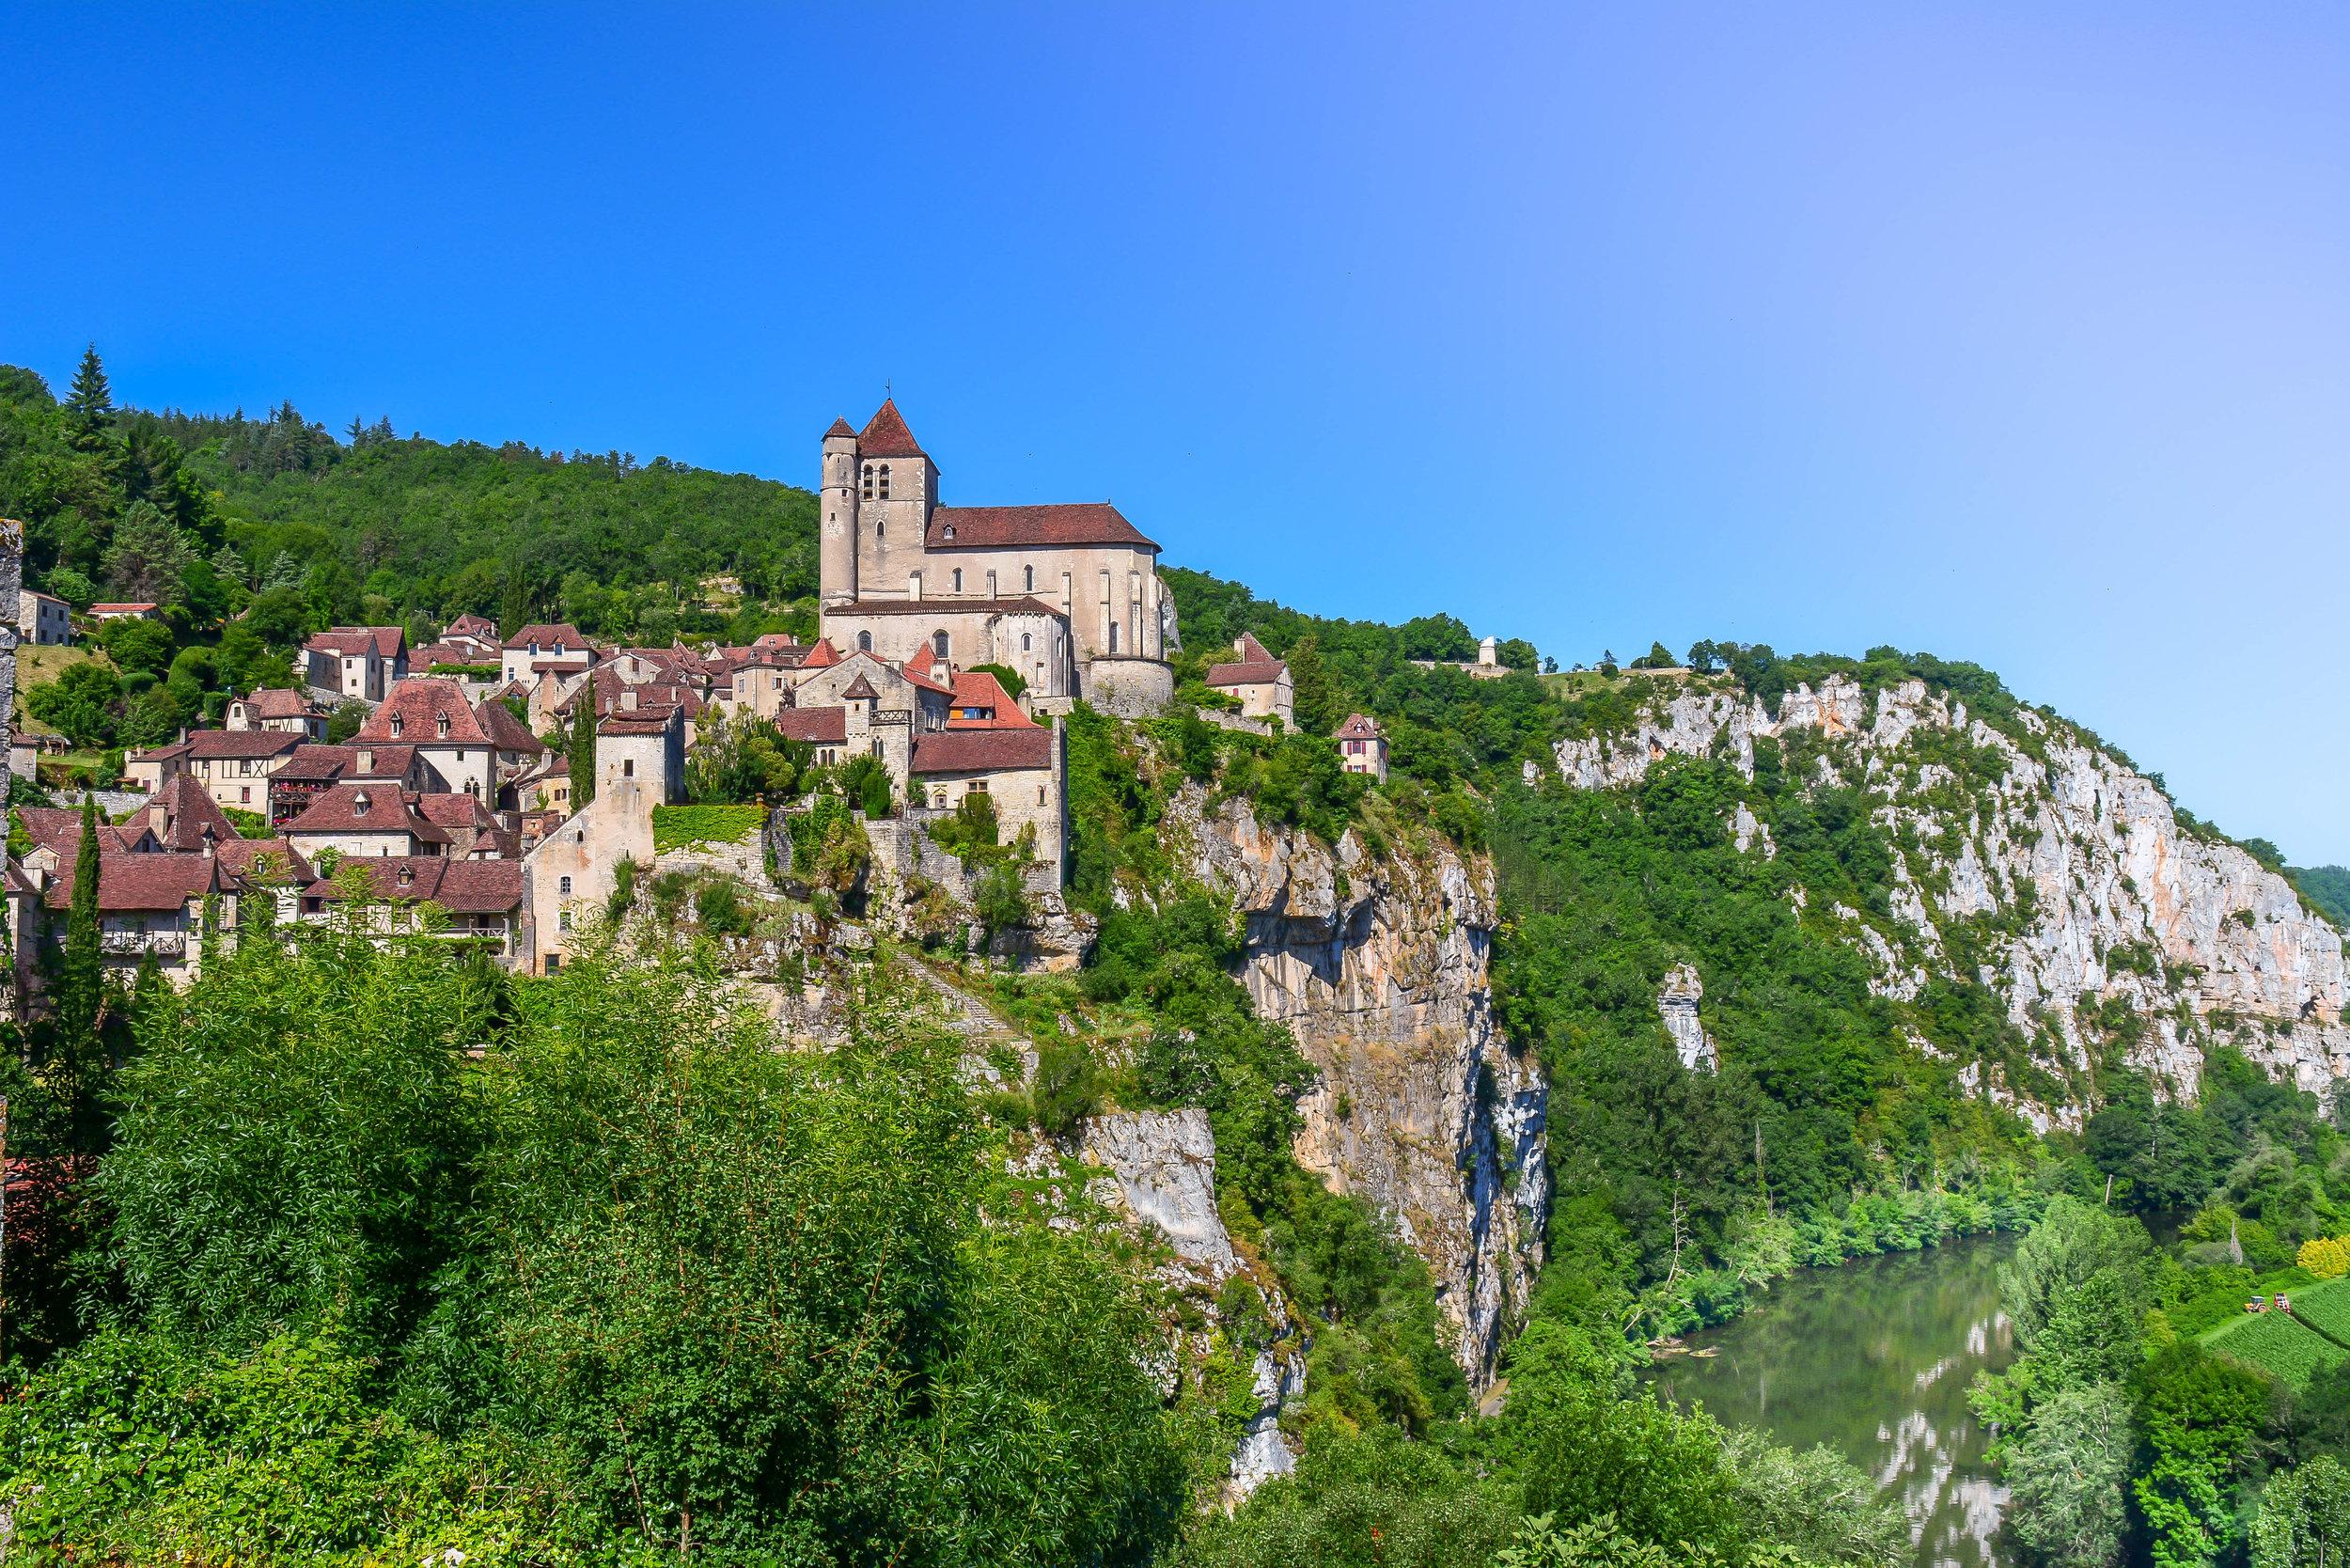 Saint-Cirq-Lapopie-9-.jpg